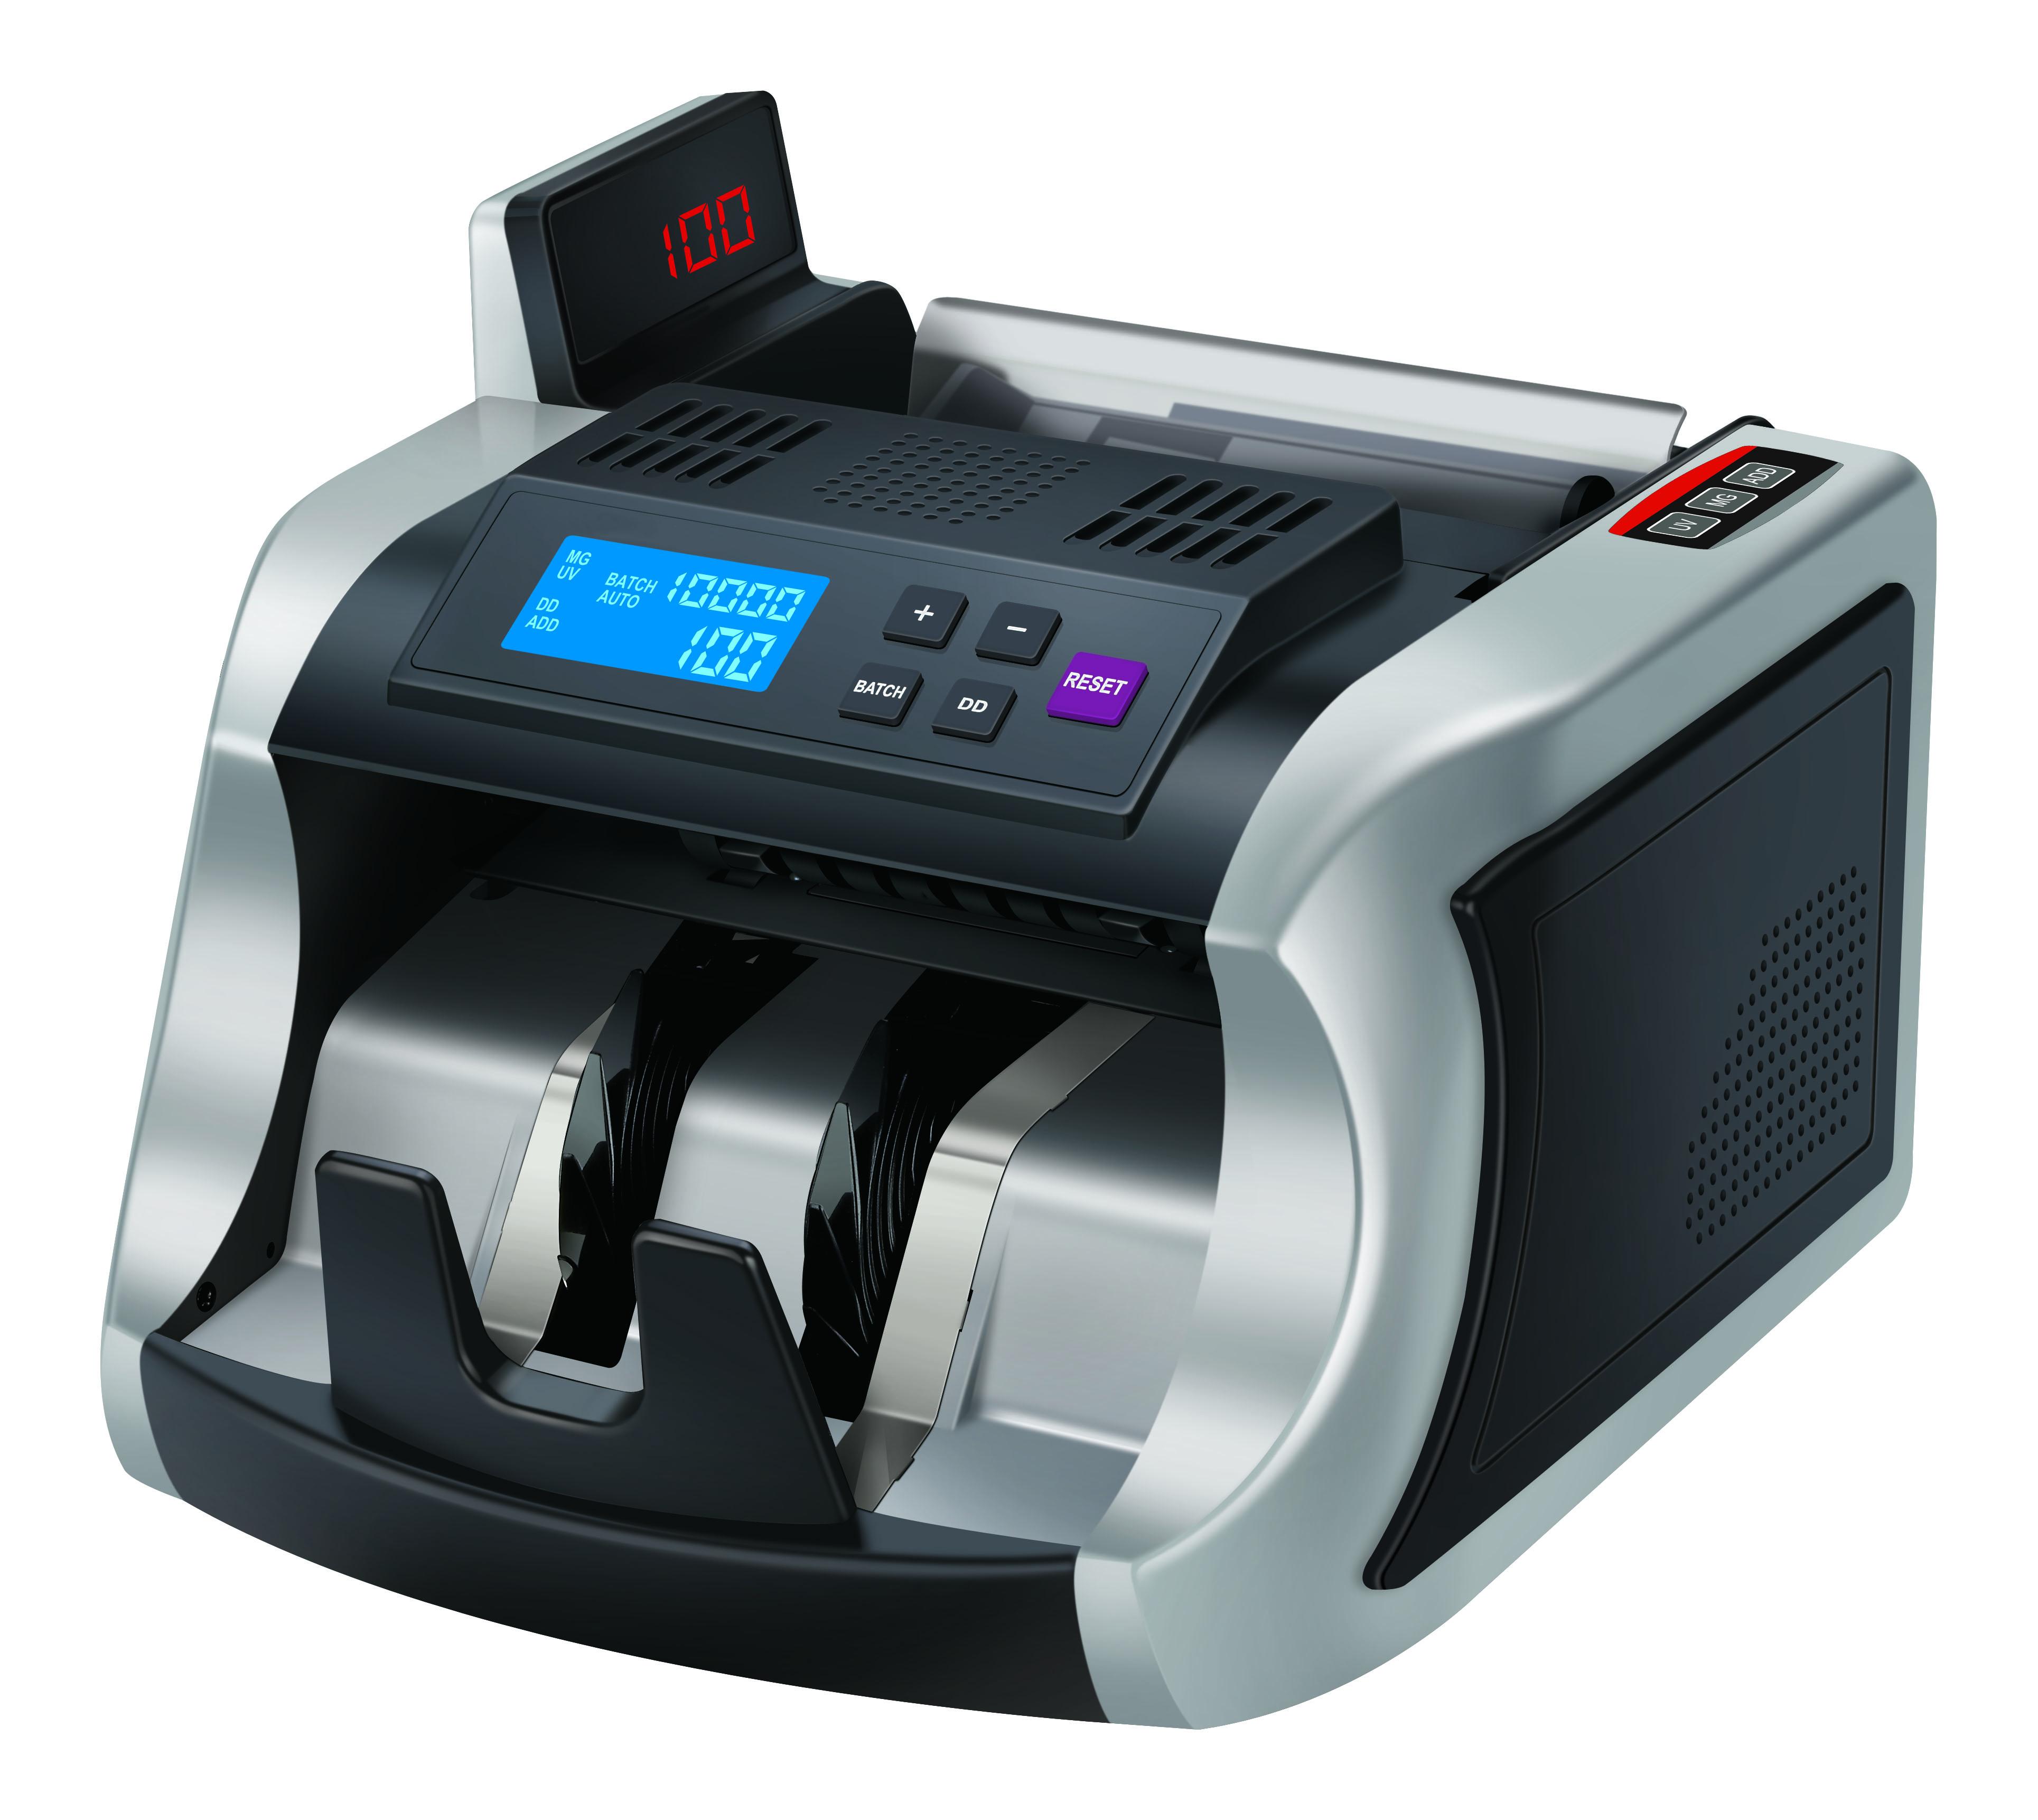 Masina de numarat bani Time saver TS-2600 1200 bancnote / minut